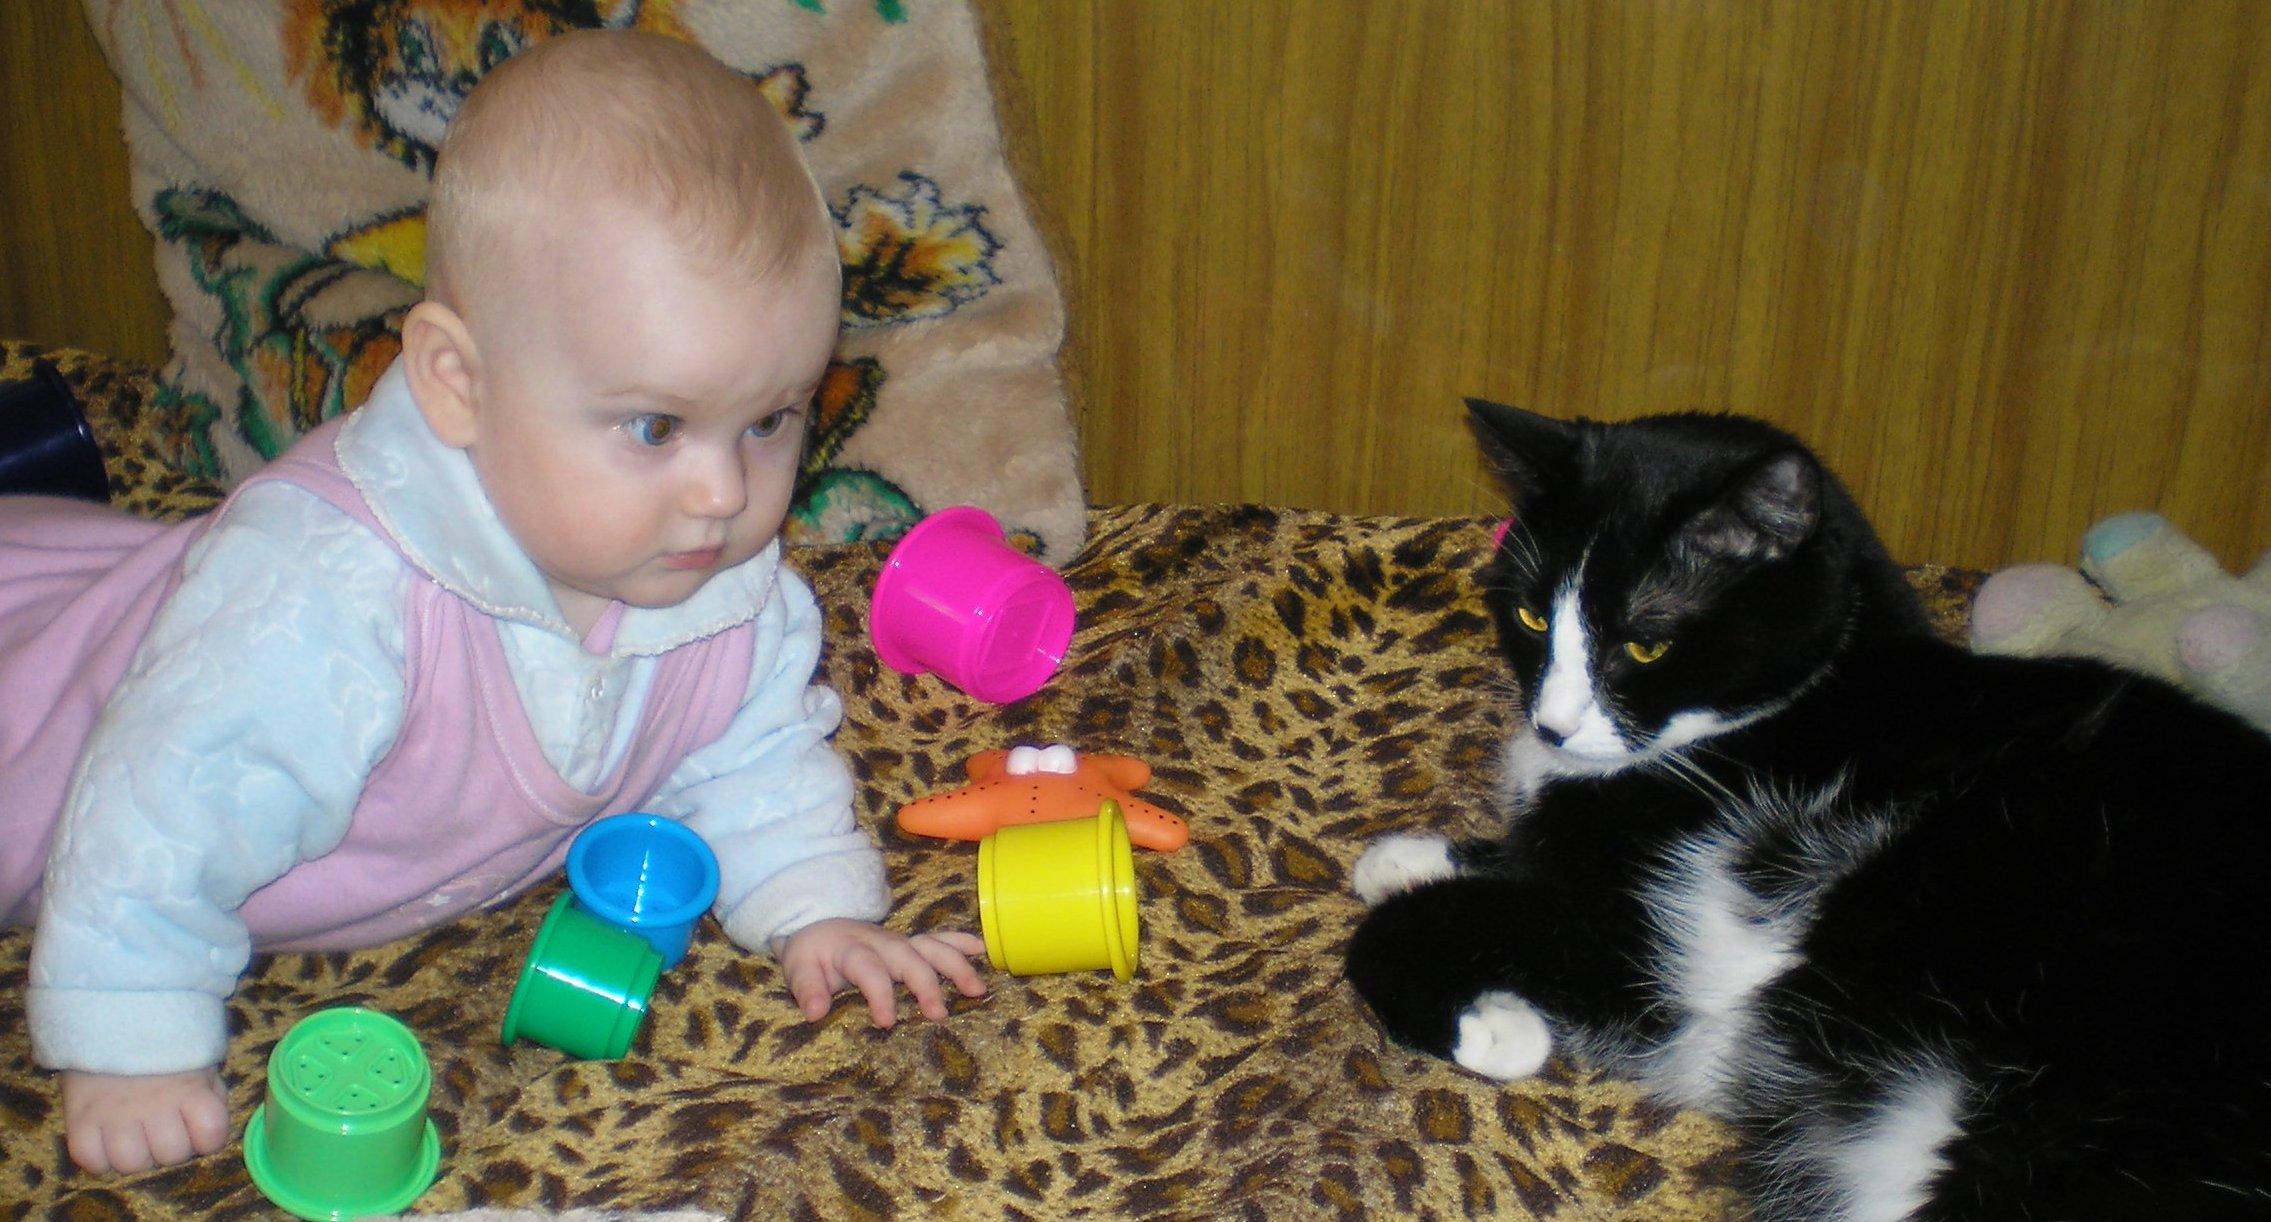 Вместе с Тимкой мы играем: пирамидку собираем! . Ребенок и   котенок